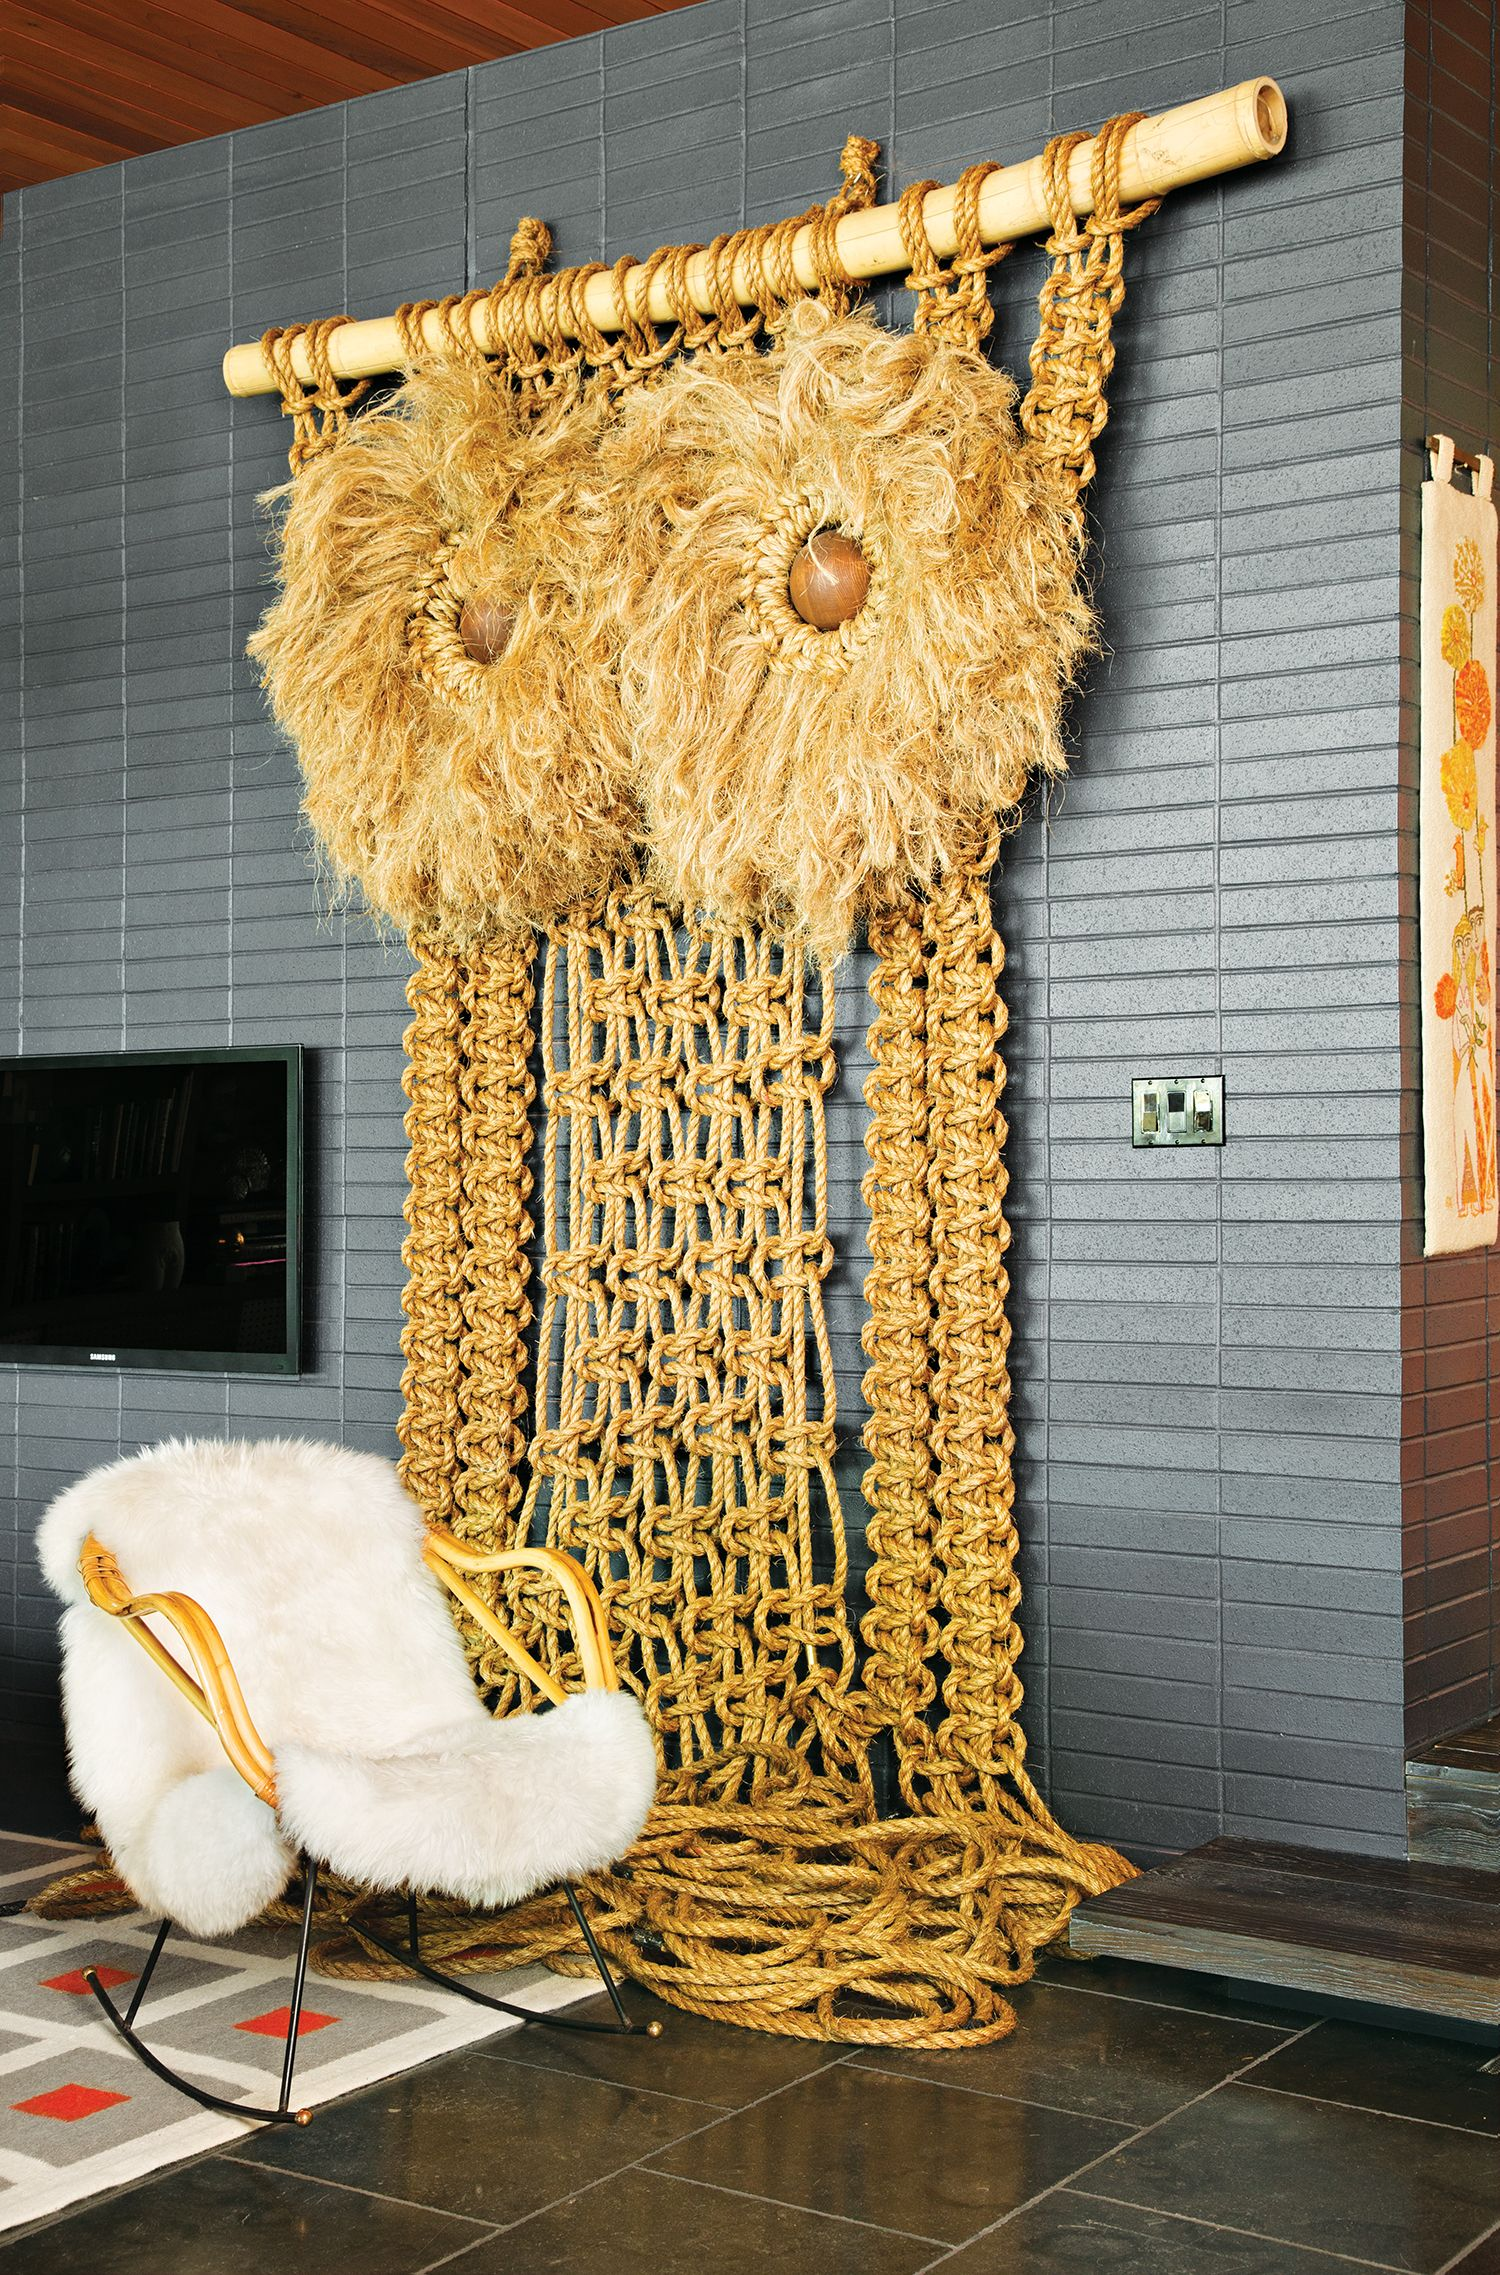 Giant owl macrame in Jonathan Adler + Simon Doonan's